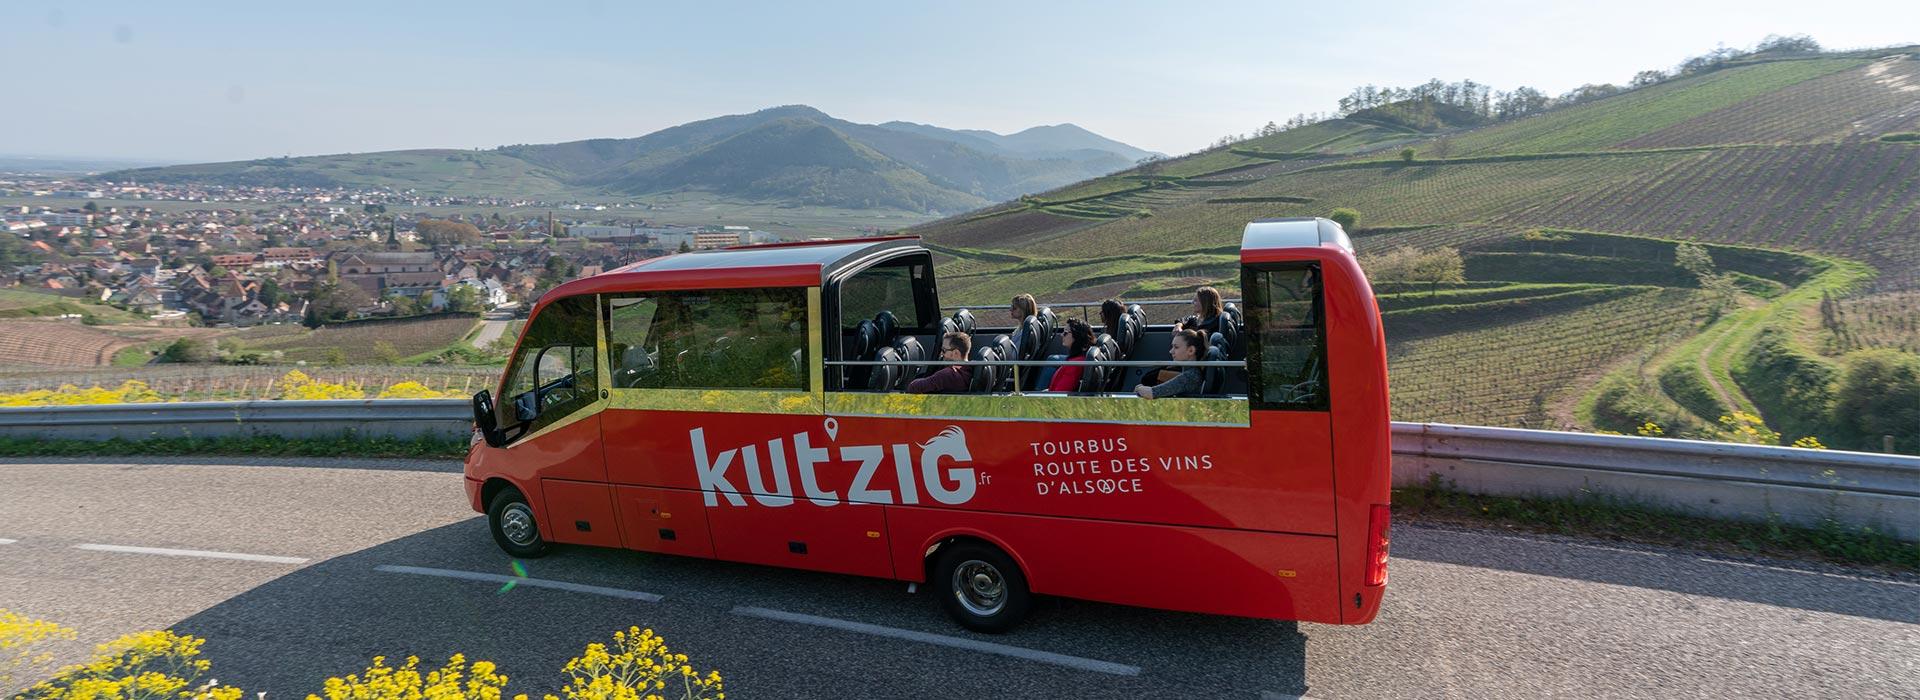 Alsace, Lorraine, Vosges, Champagne, Voyage, Agence de Voyages, Agence Réceptive, Lisela, Grand Est